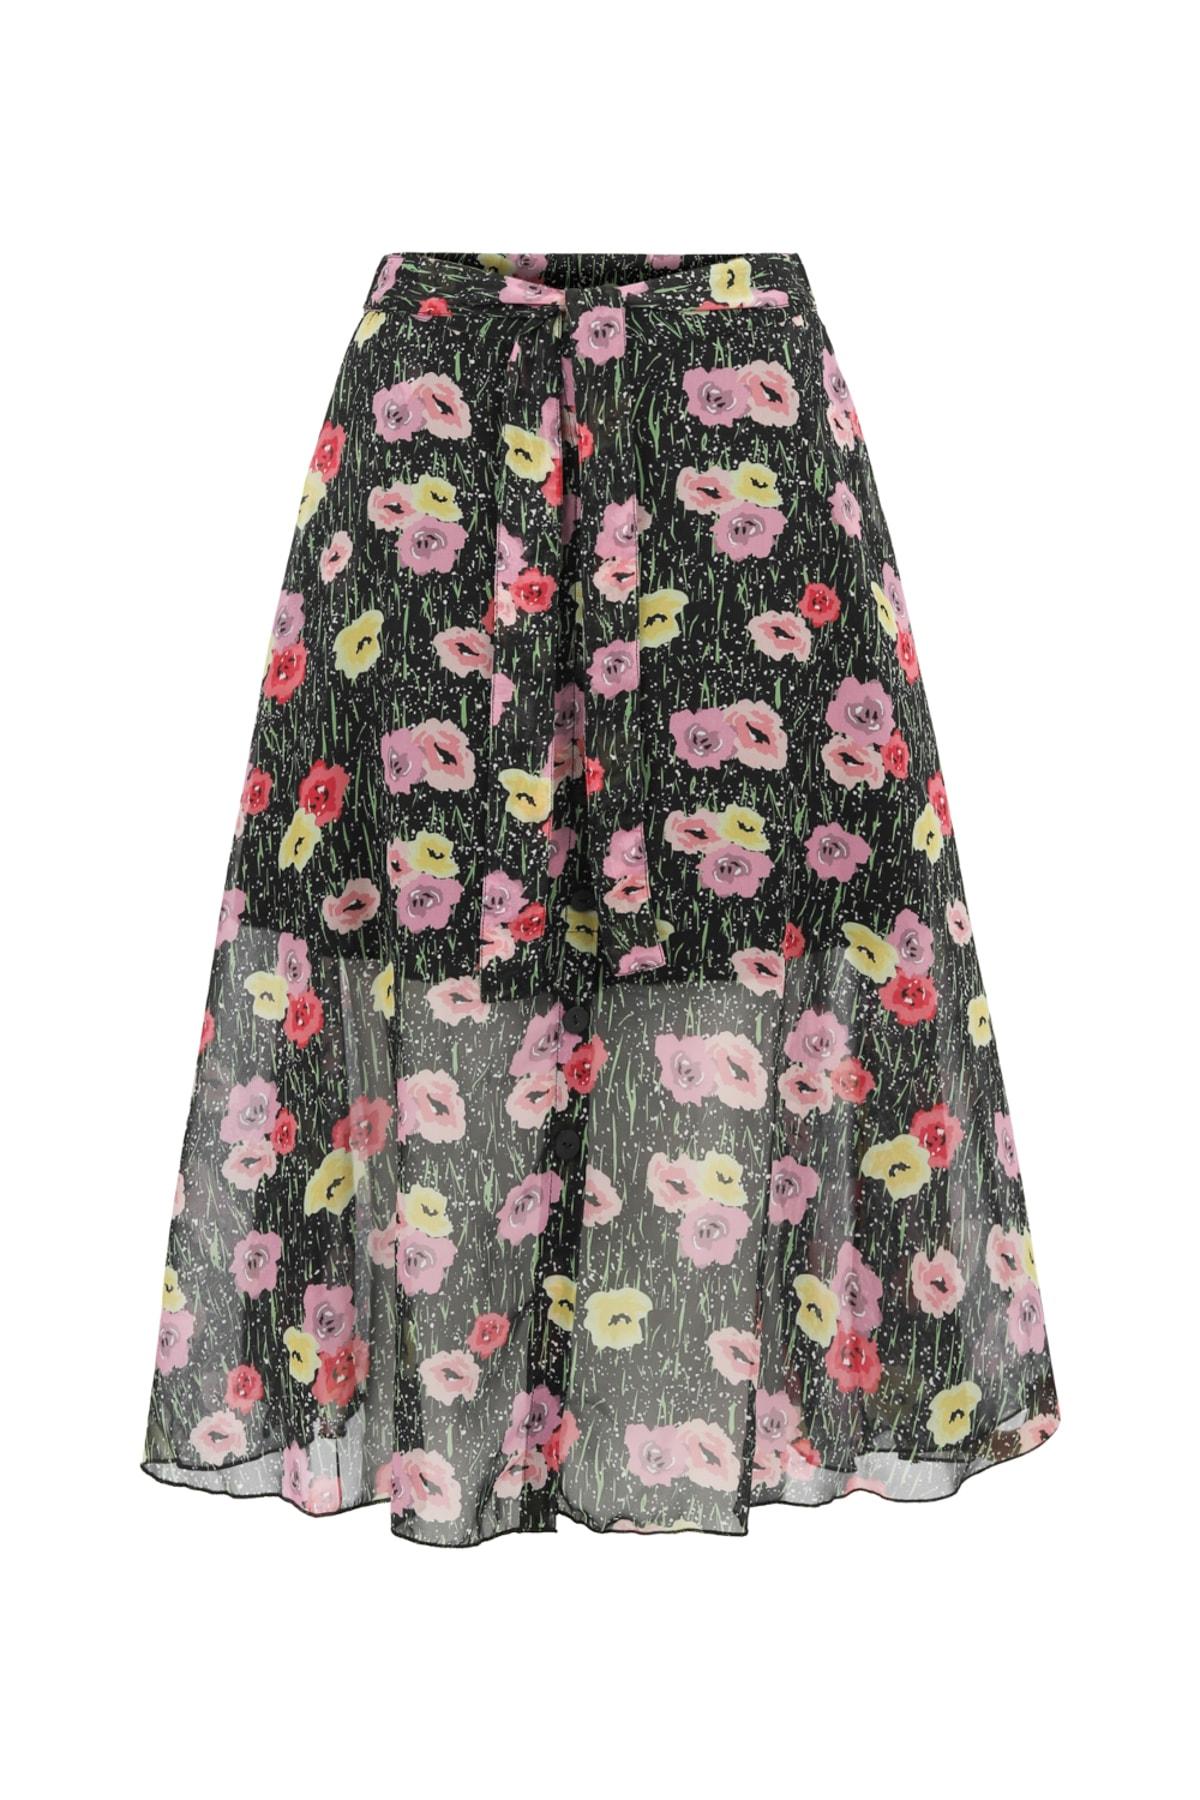 Kadın Çok Renkli Floral Yırtmaçlı Midi Etek 375804